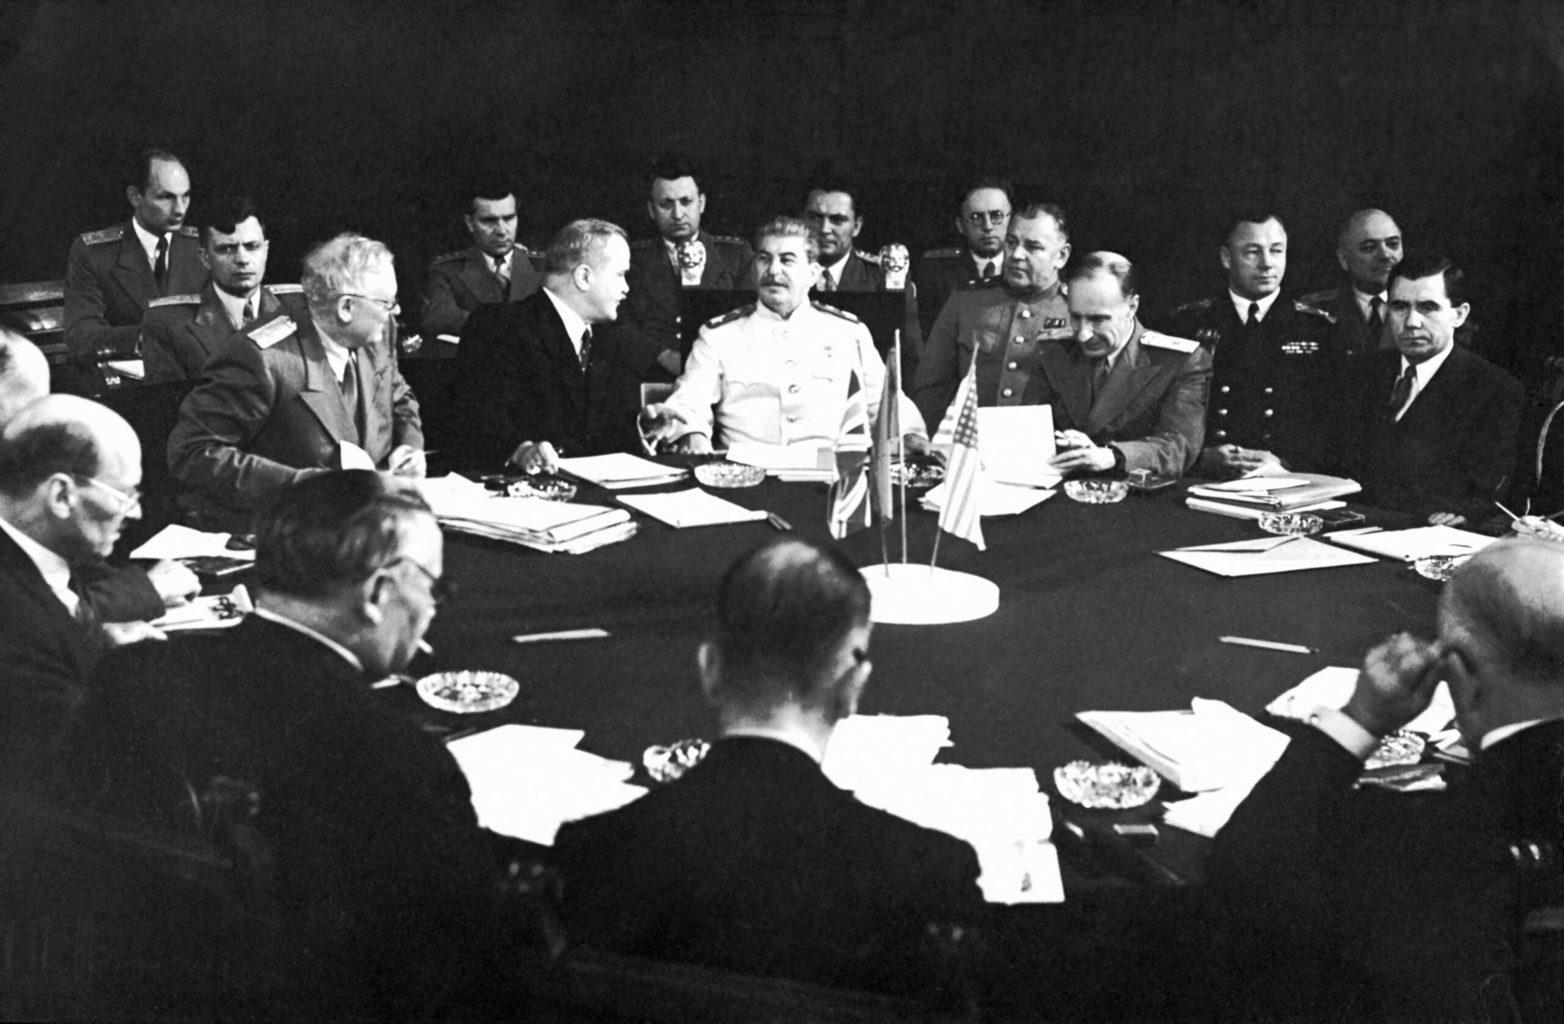 Sztálin mindhárom nagyhatalmi konferencián, Teheránban, Jaltán és Potsdamban is ott ült a tárgyalóasztalnál #moszkvater